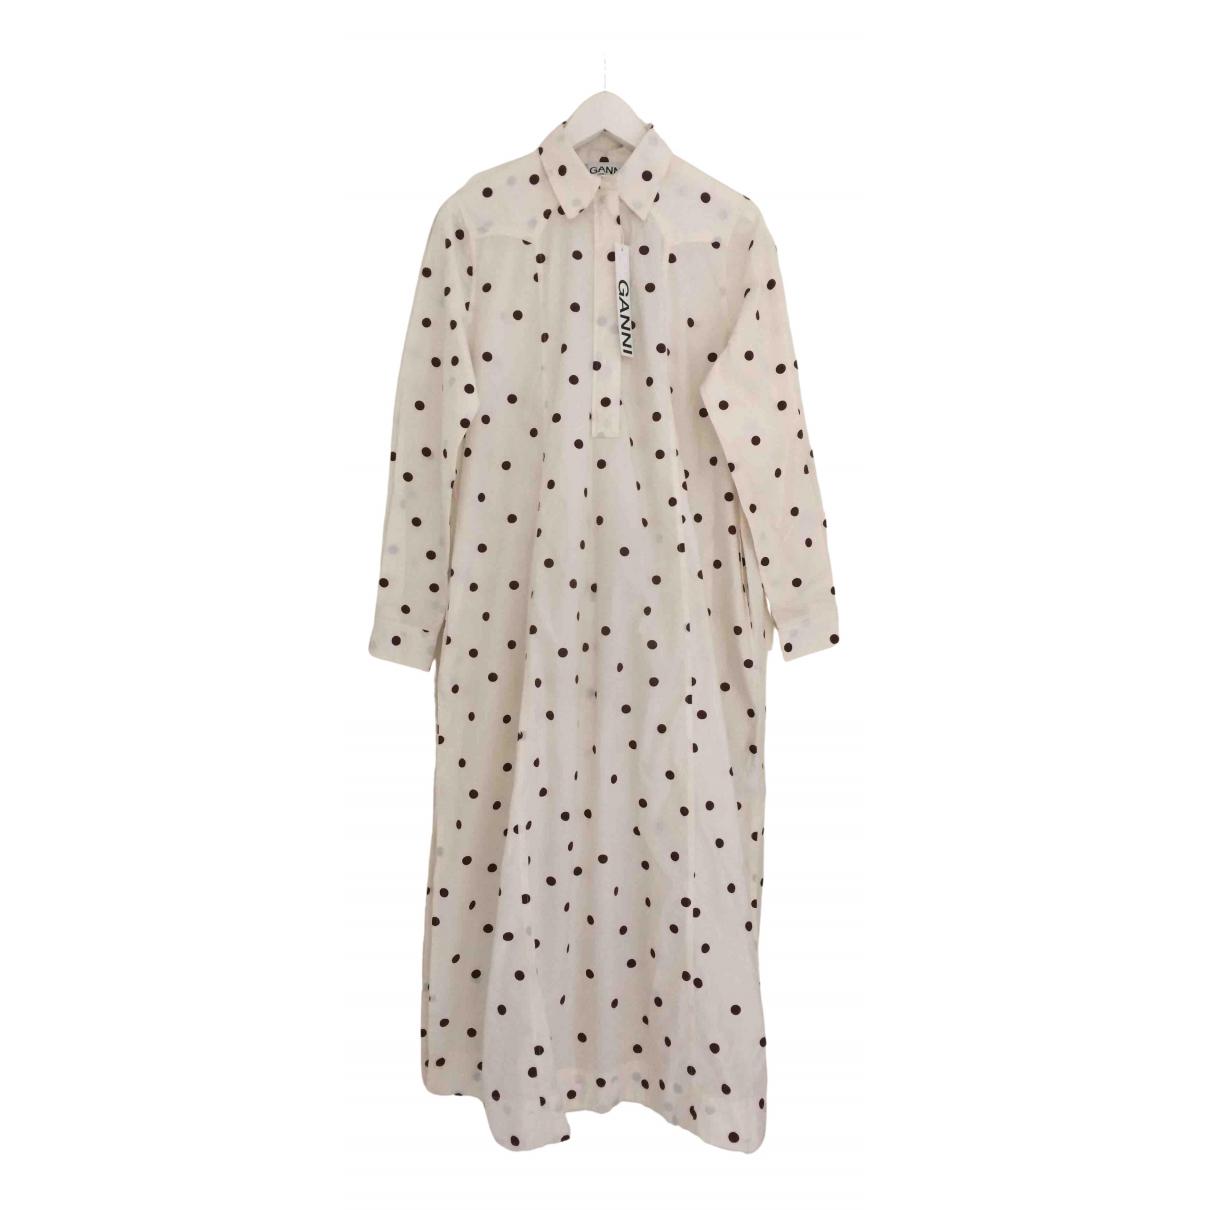 Ganni Spring Summer 2020 Kleid in  Ecru Baumwolle